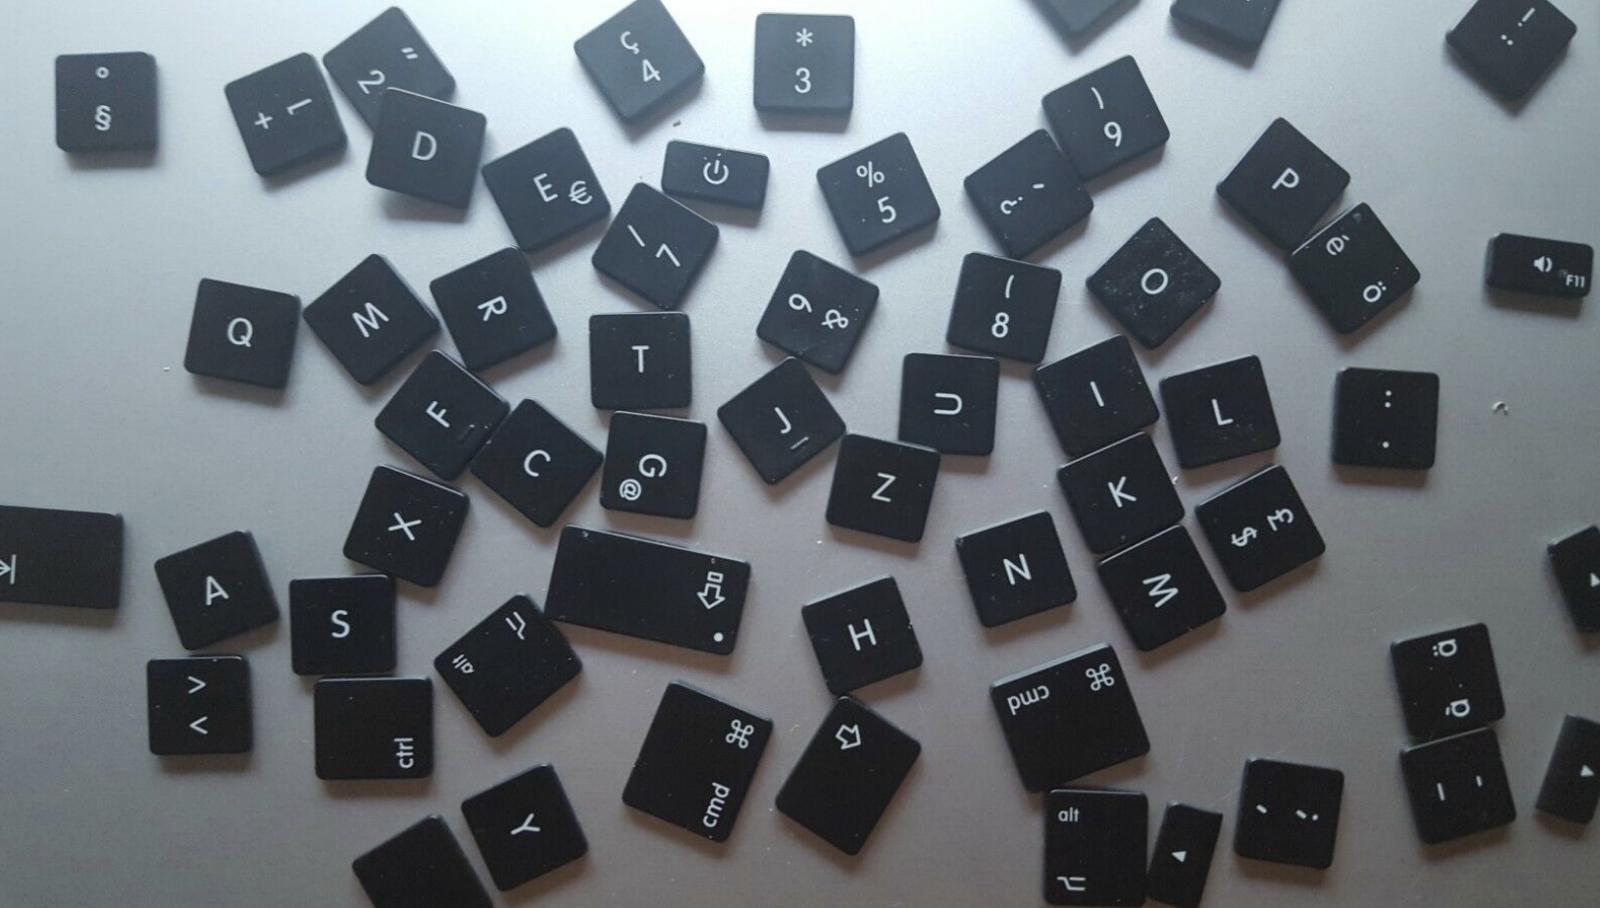 Touche de clavier clé macbook pro 13